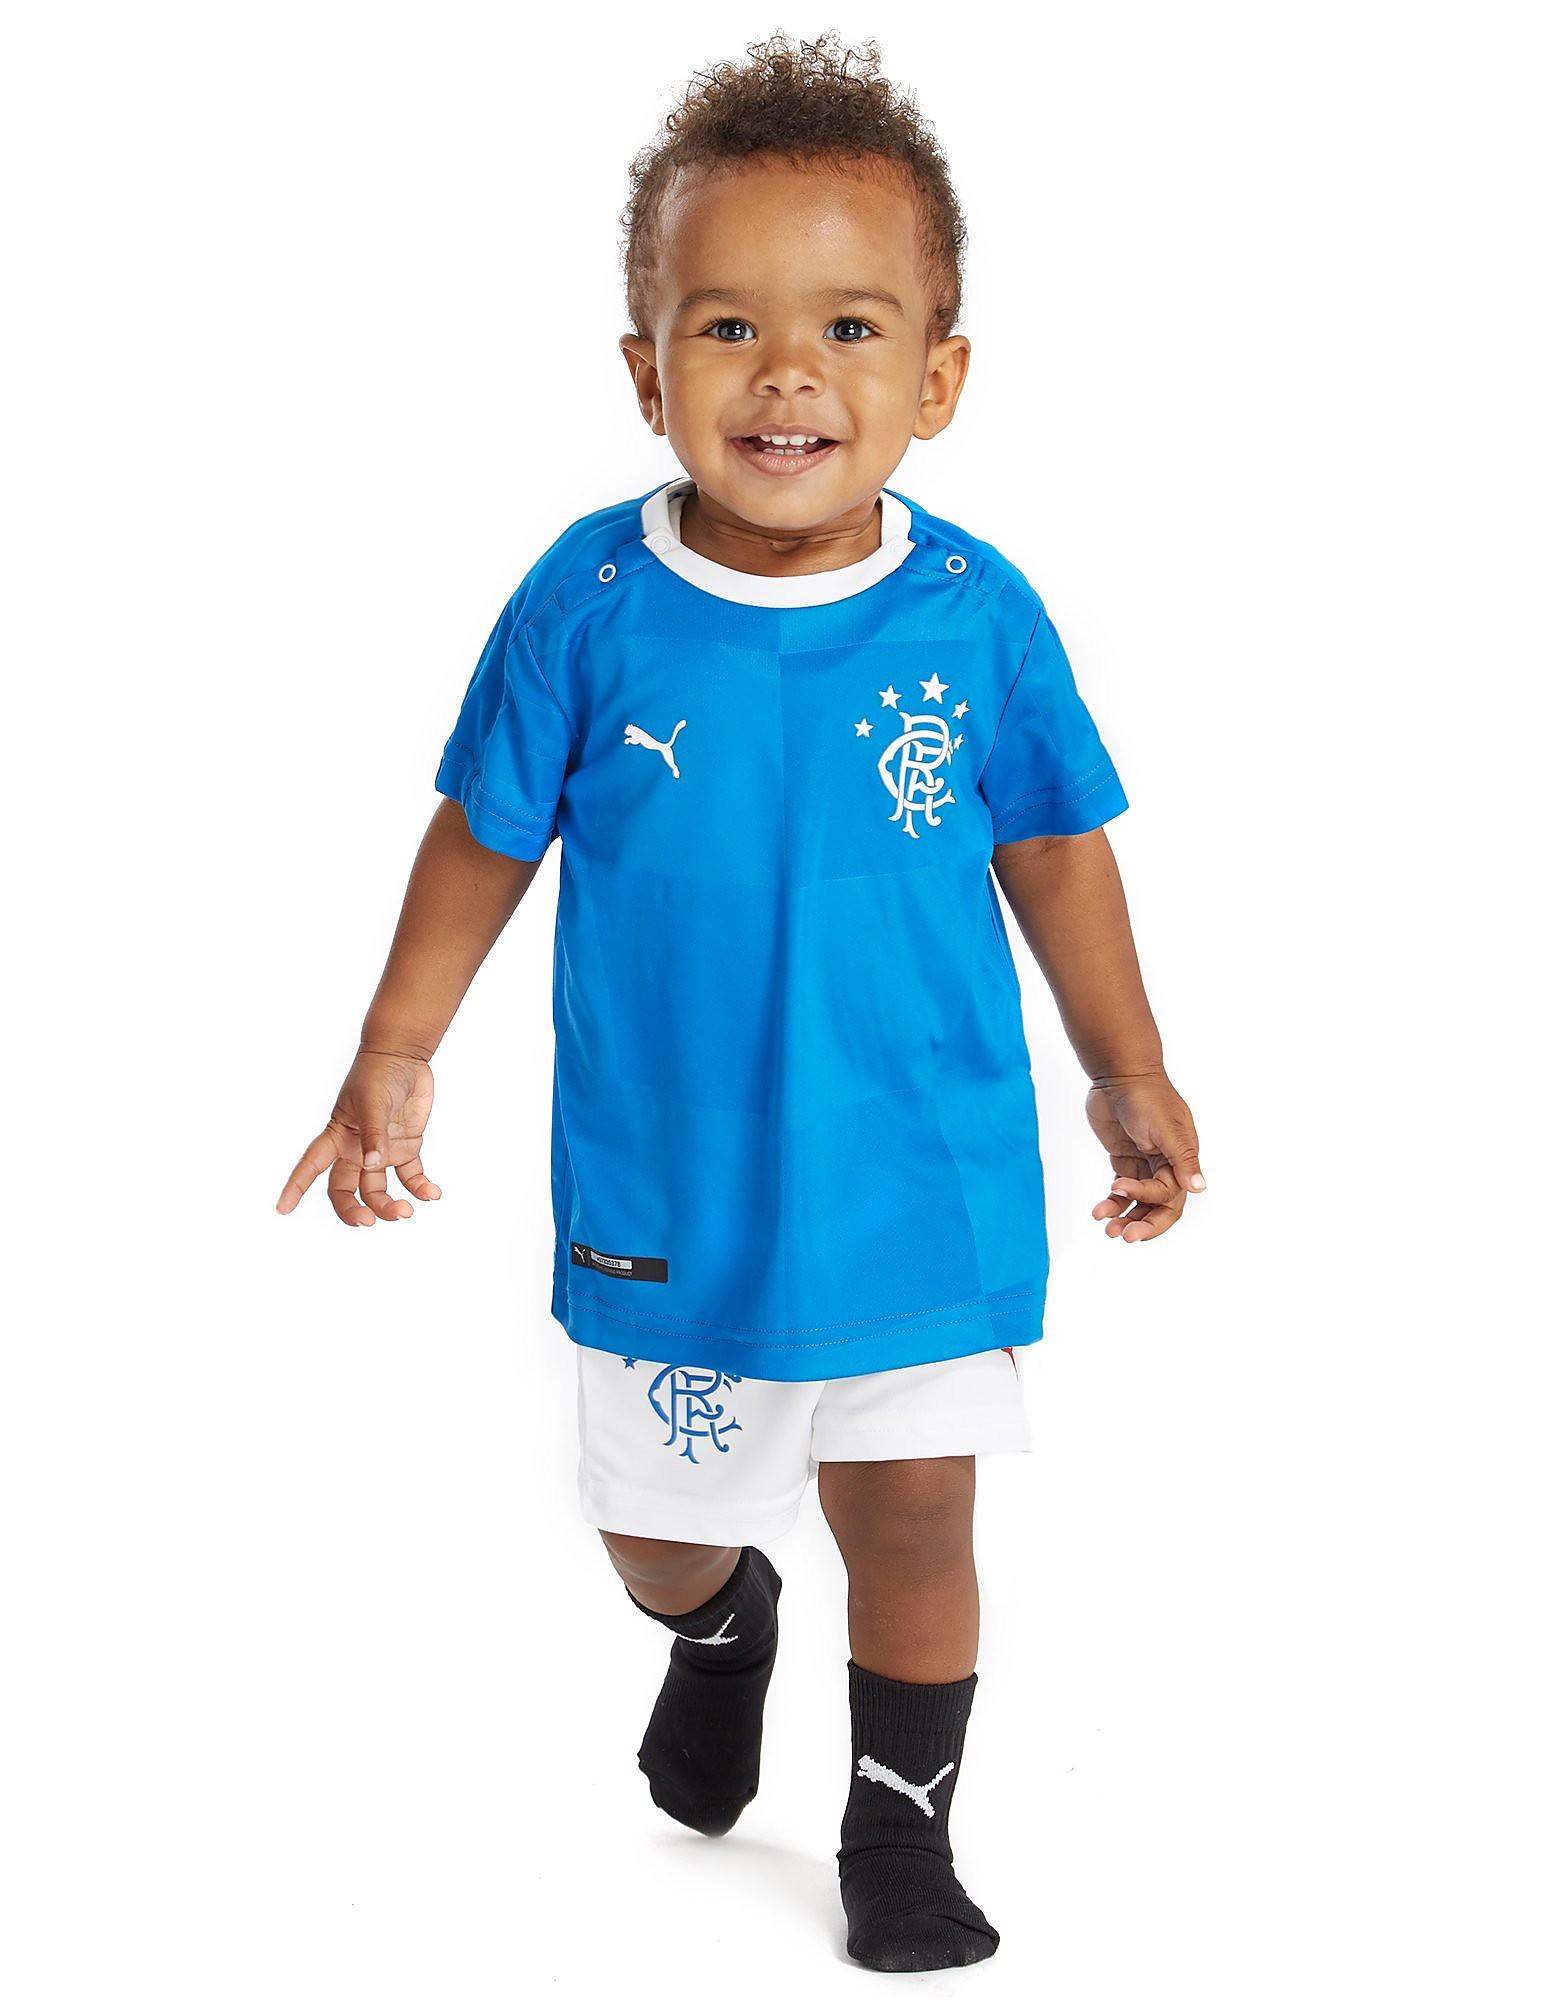 PUMA Rangers FC 2016/17 hemmadräkt för baby